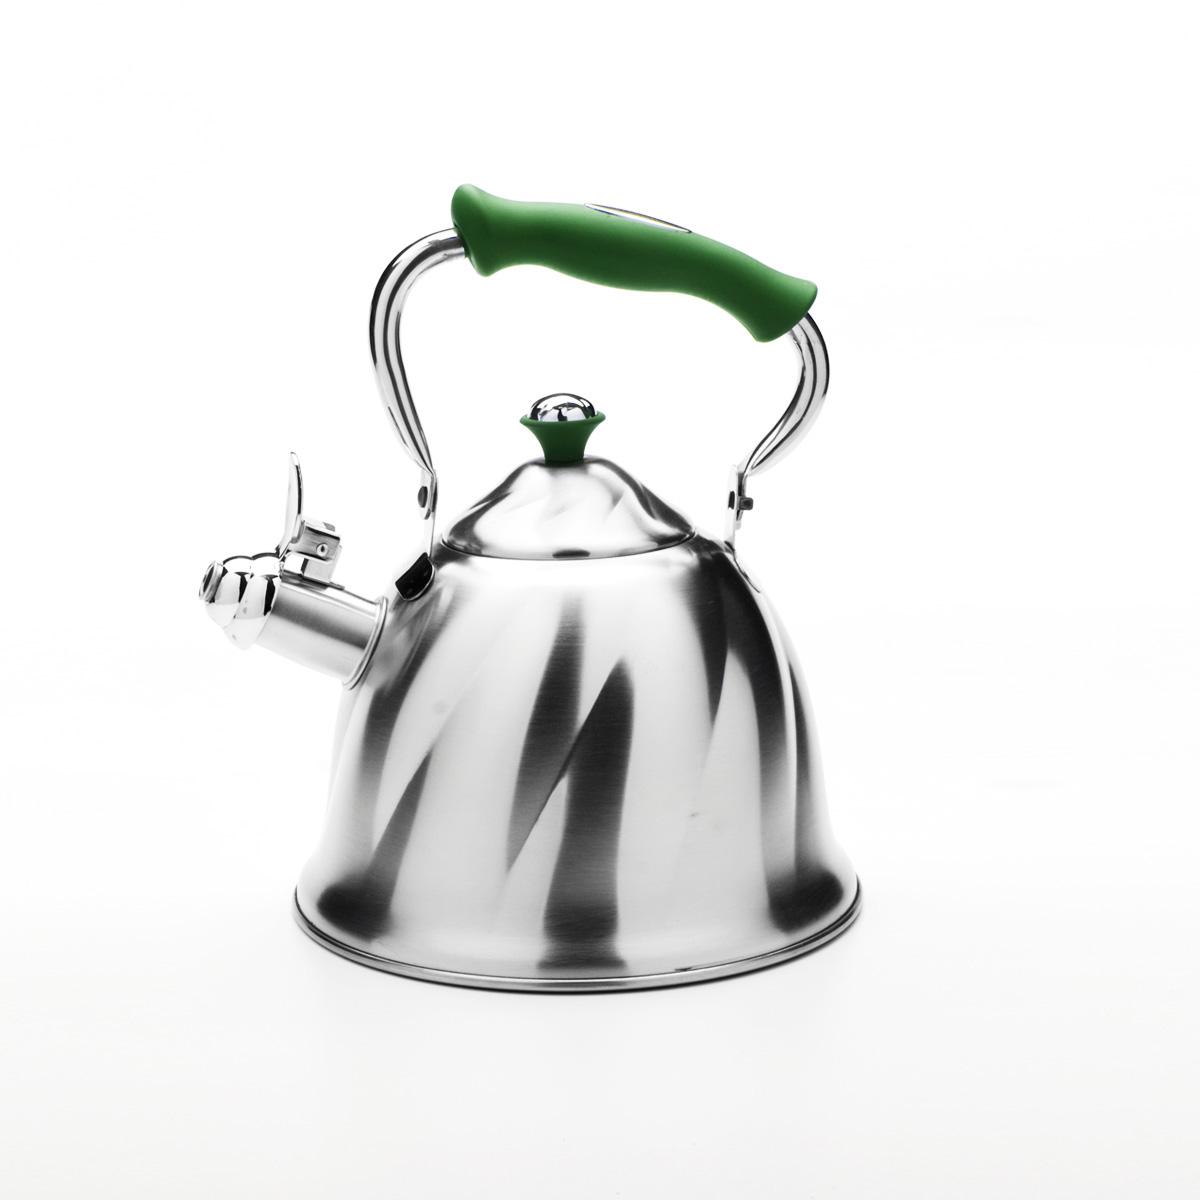 """Чайник """"Mayer & Boch"""" со свистком, цвет: зеленый, 3 л. 23775"""